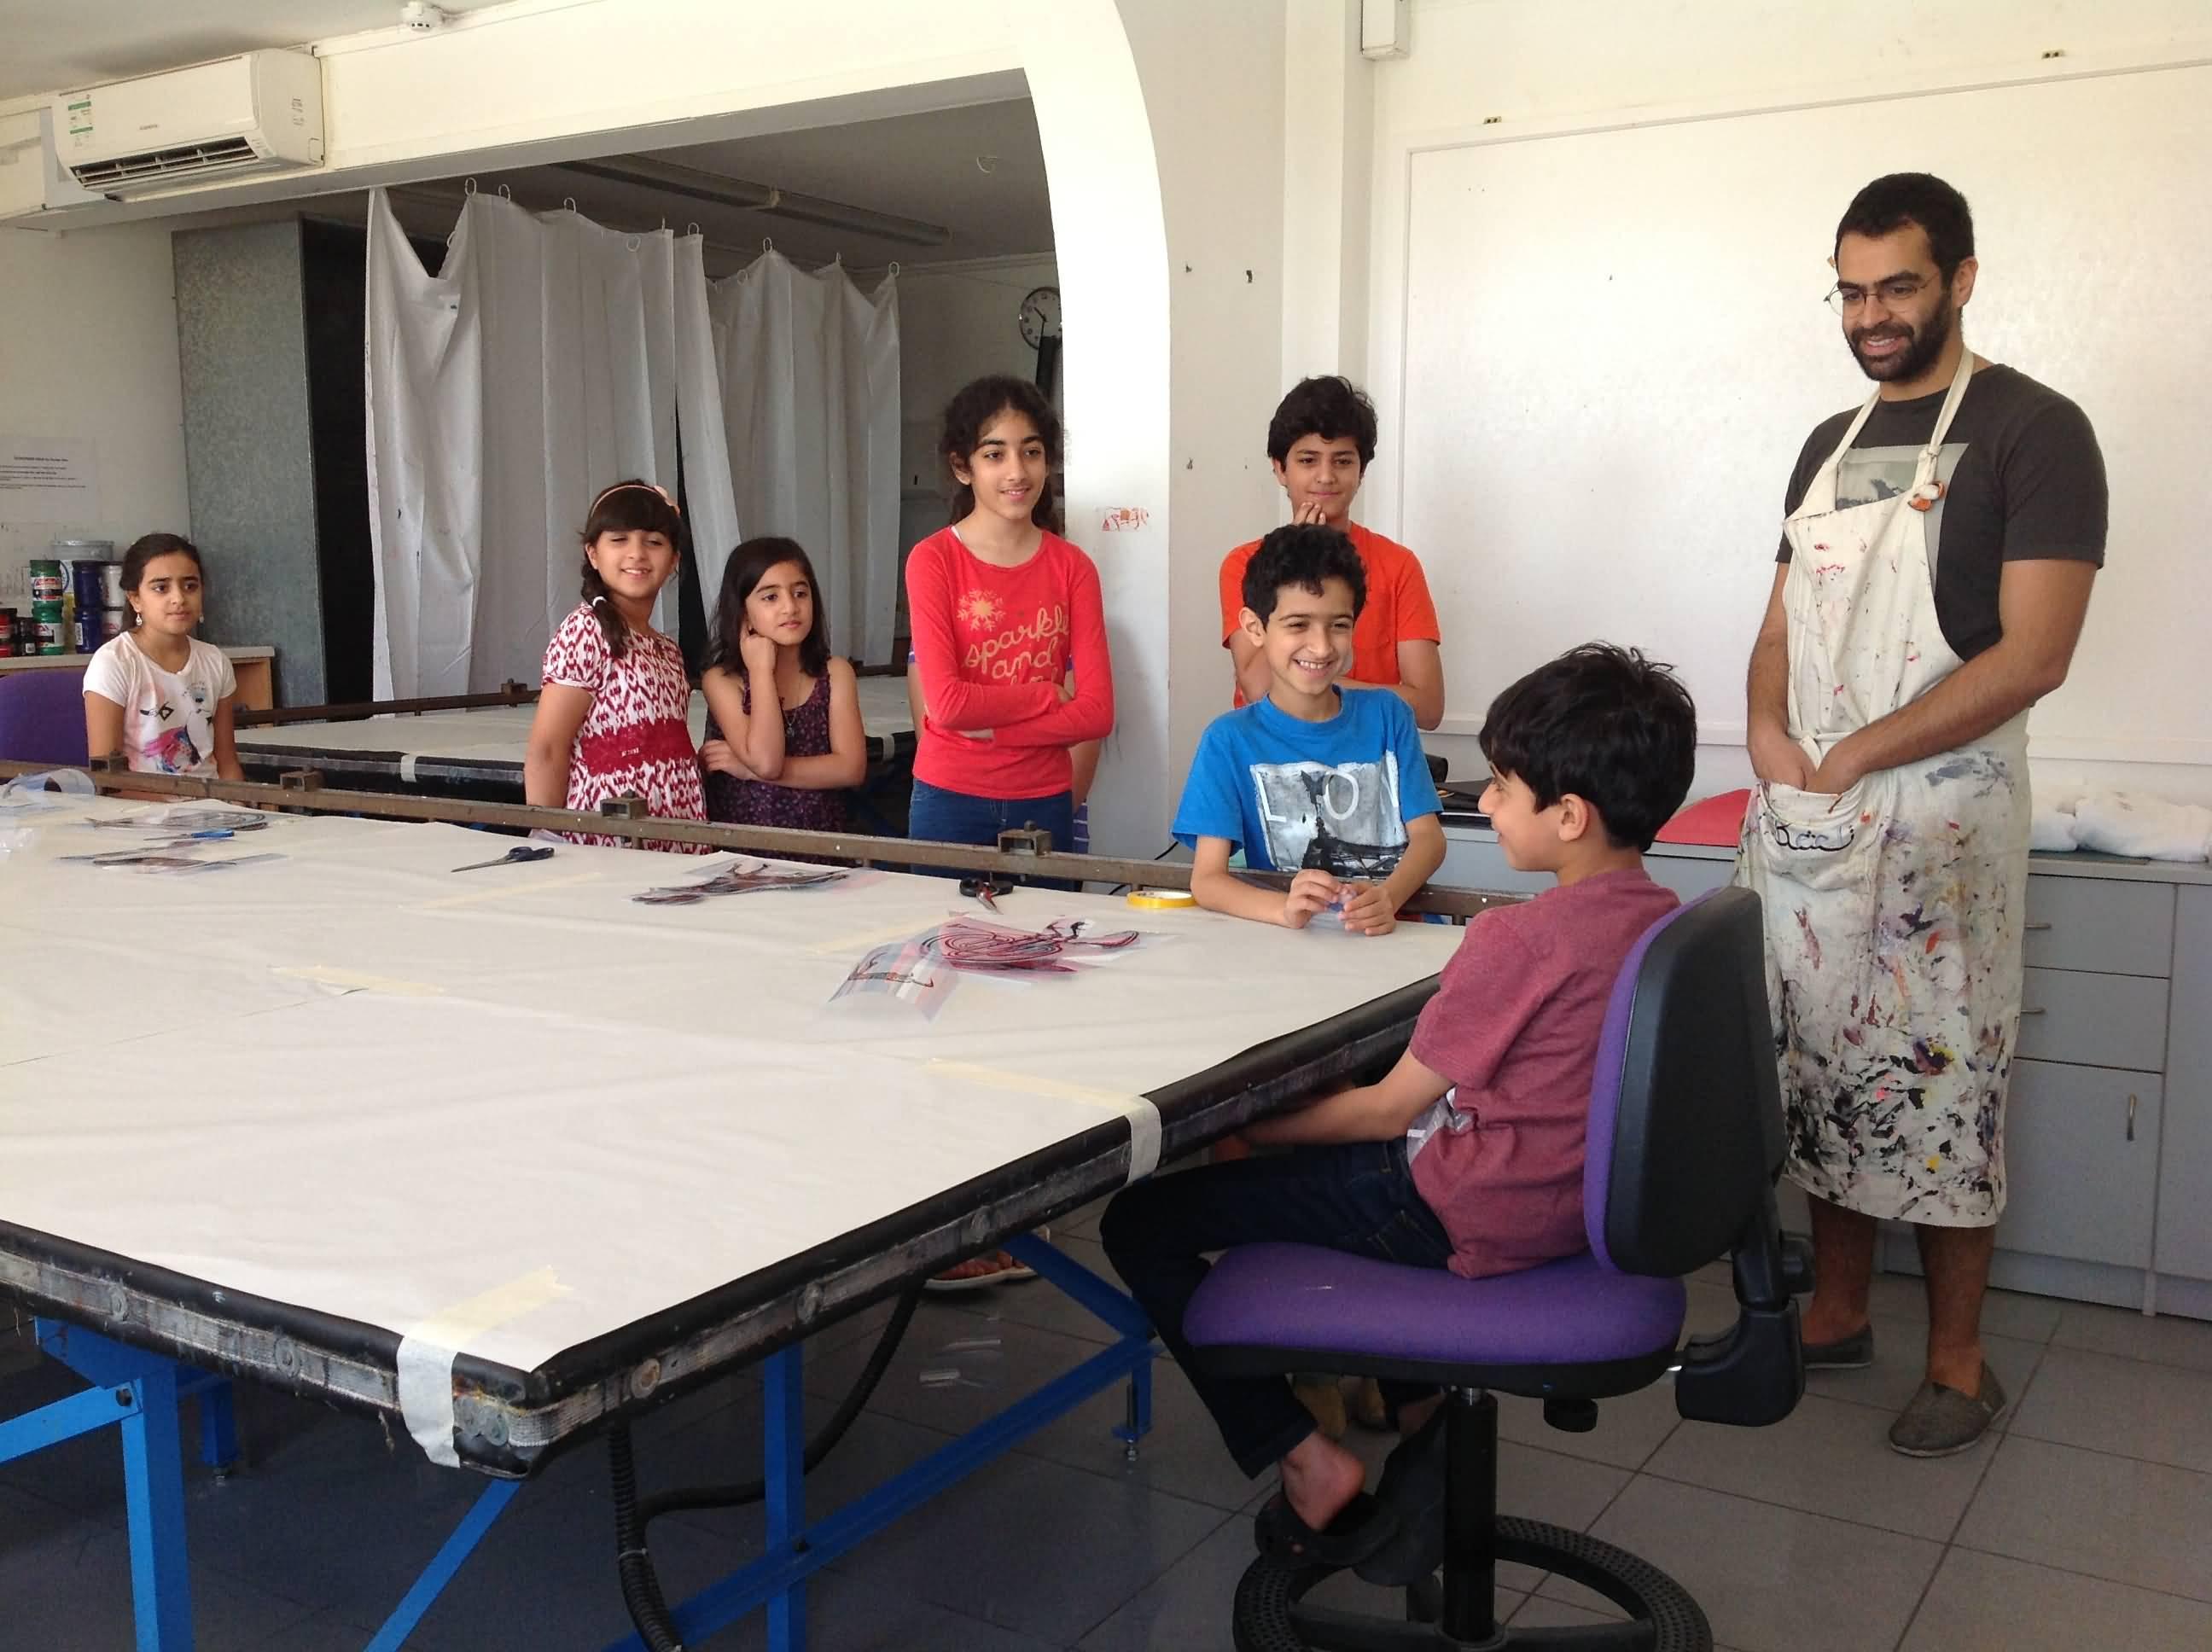 صورة مركز تشكيل يعلن عن برنامج المخيم الصيفي 2015